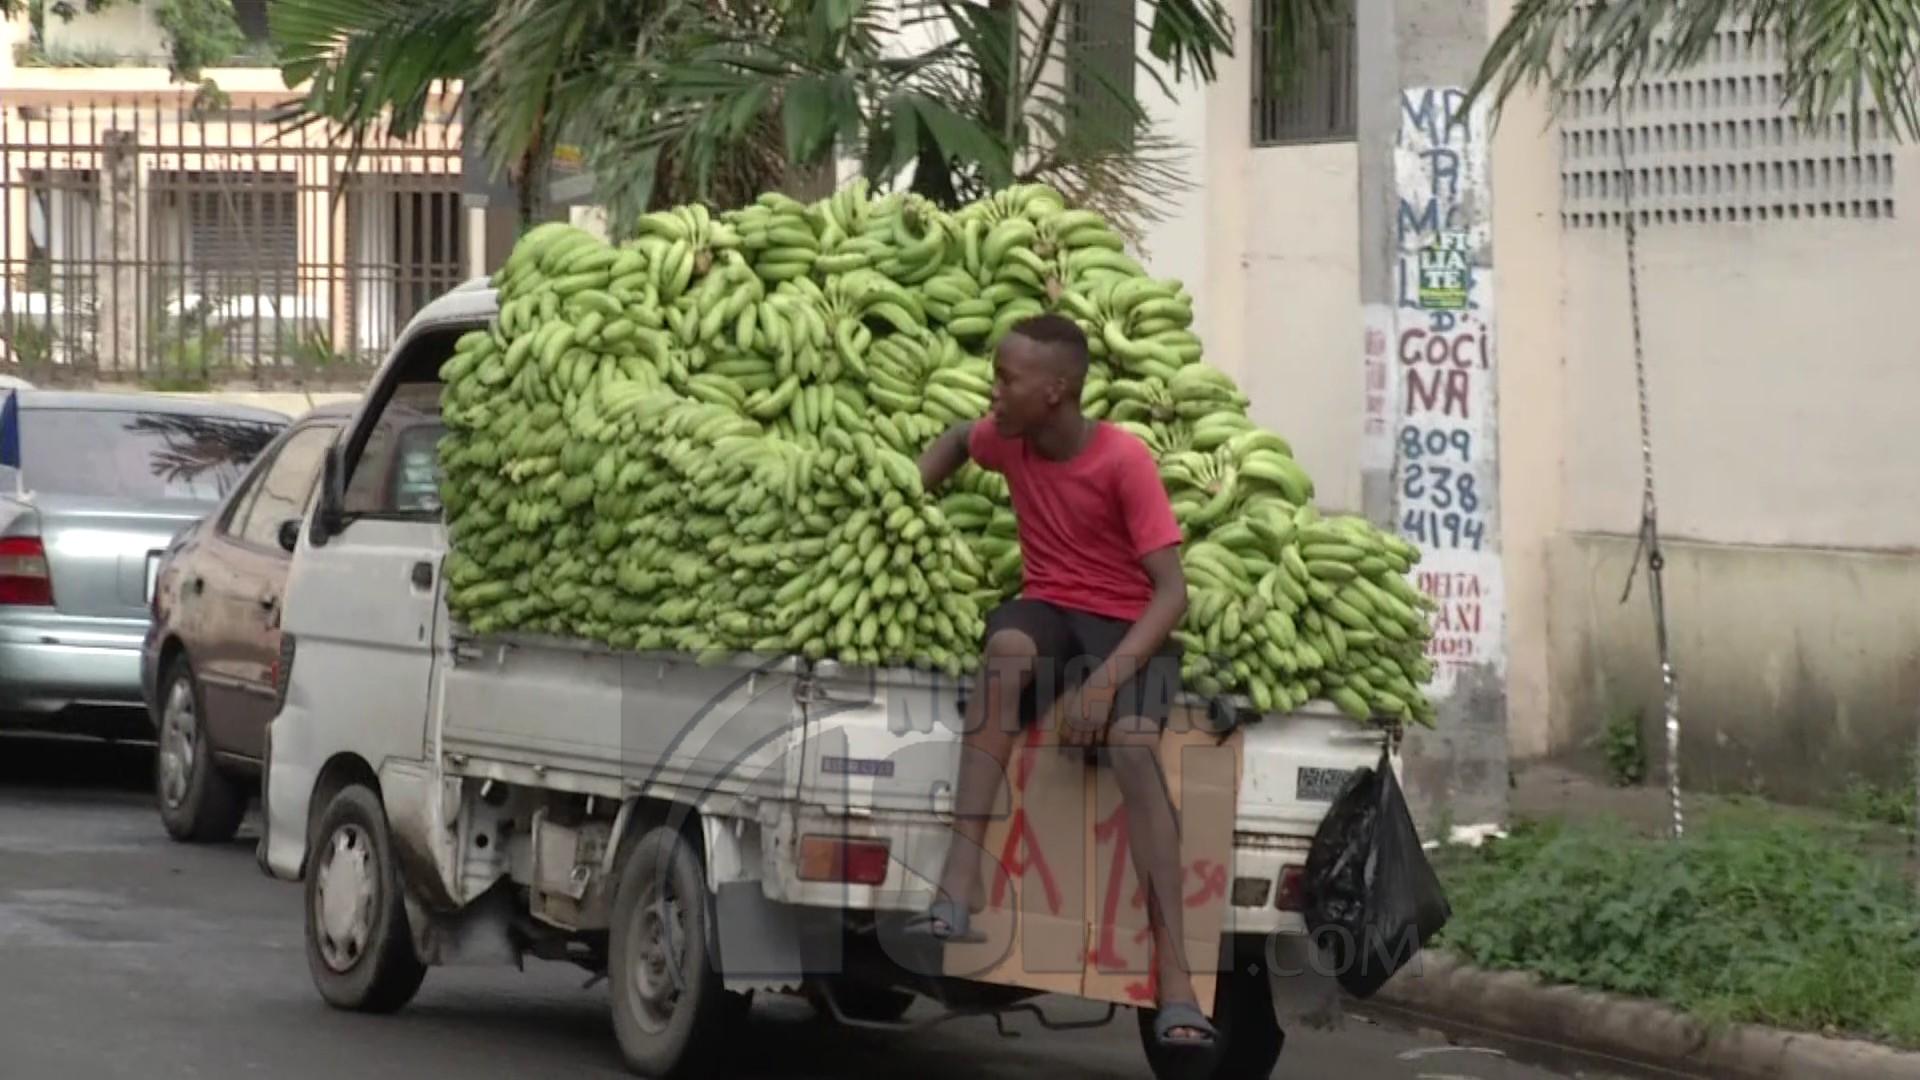 Vendedores de guagüitas plataneras se quejan por retención de vehículos